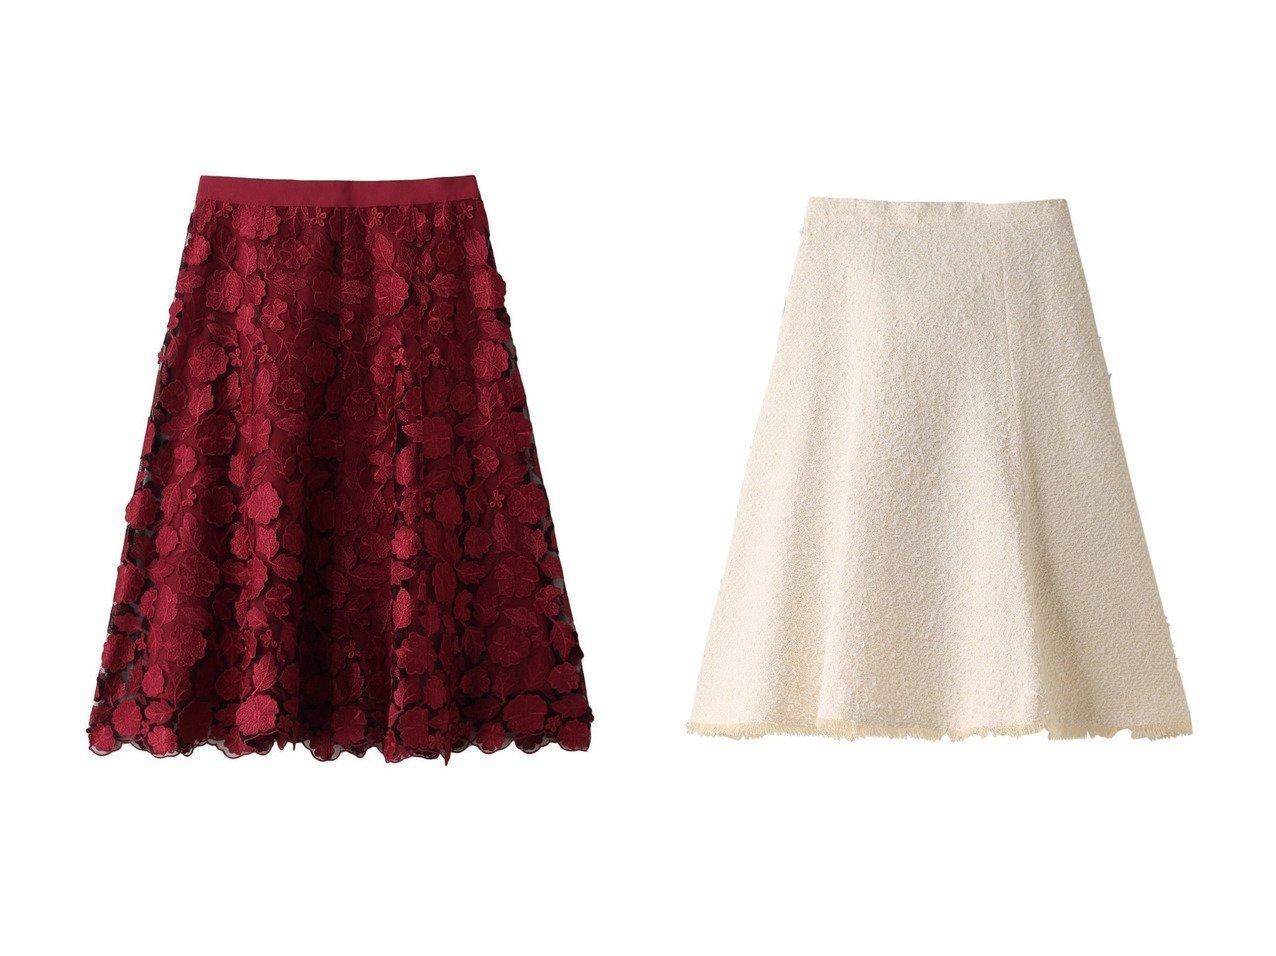 【ANAYI/アナイ】の3Dレースフレアスカート&ファンシーツイードフレアスカート スカートのおすすめ!人気、トレンド・レディースファッションの通販 おすすめで人気の流行・トレンド、ファッションの通販商品 メンズファッション・キッズファッション・インテリア・家具・レディースファッション・服の通販 founy(ファニー) https://founy.com/ ファッション Fashion レディースファッション WOMEN スカート Skirt Aライン/フレアスカート Flared A-Line Skirts ロングスカート Long Skirt エアリー シフォン シンプル パーティ フェミニン フラワー フレア ロング 再入荷 Restock/Back in Stock/Re Arrival S/S 春夏 SS Spring/Summer ツイード フリンジ 春 Spring |ID:crp329100000012909